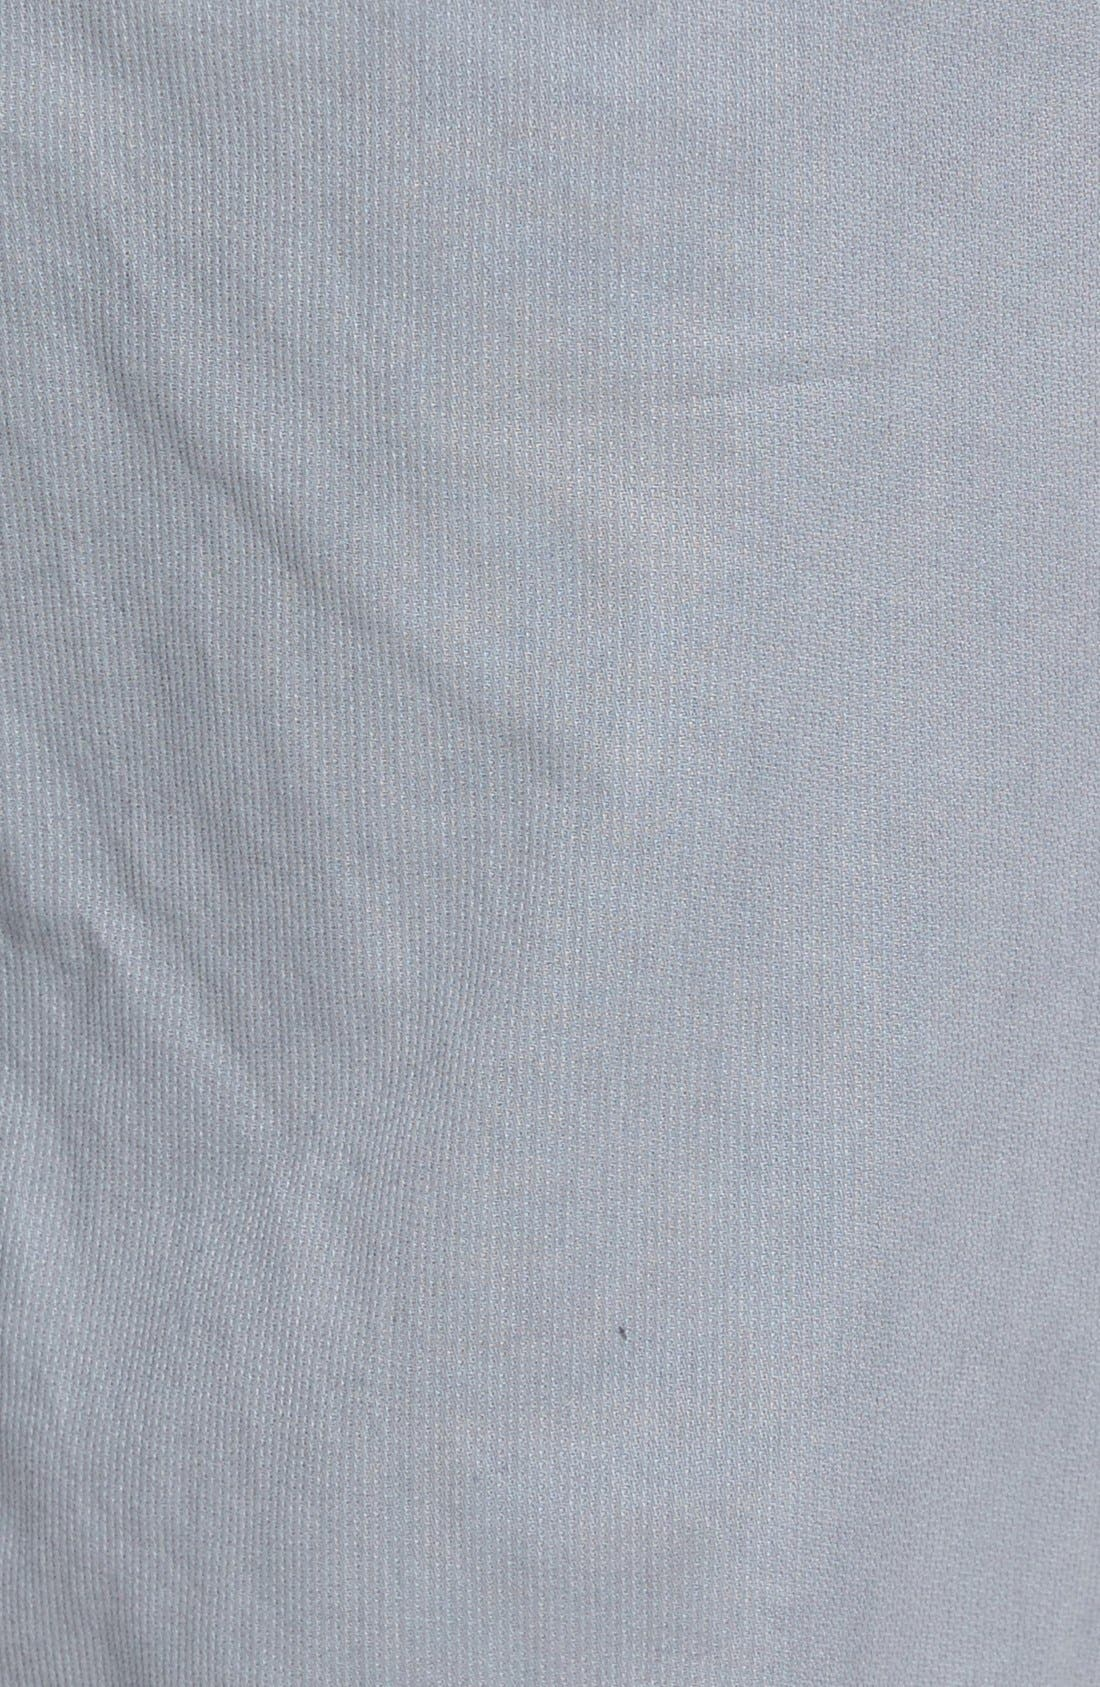 Bloomington Chino Pants,                             Alternate thumbnail 3, color,                             020